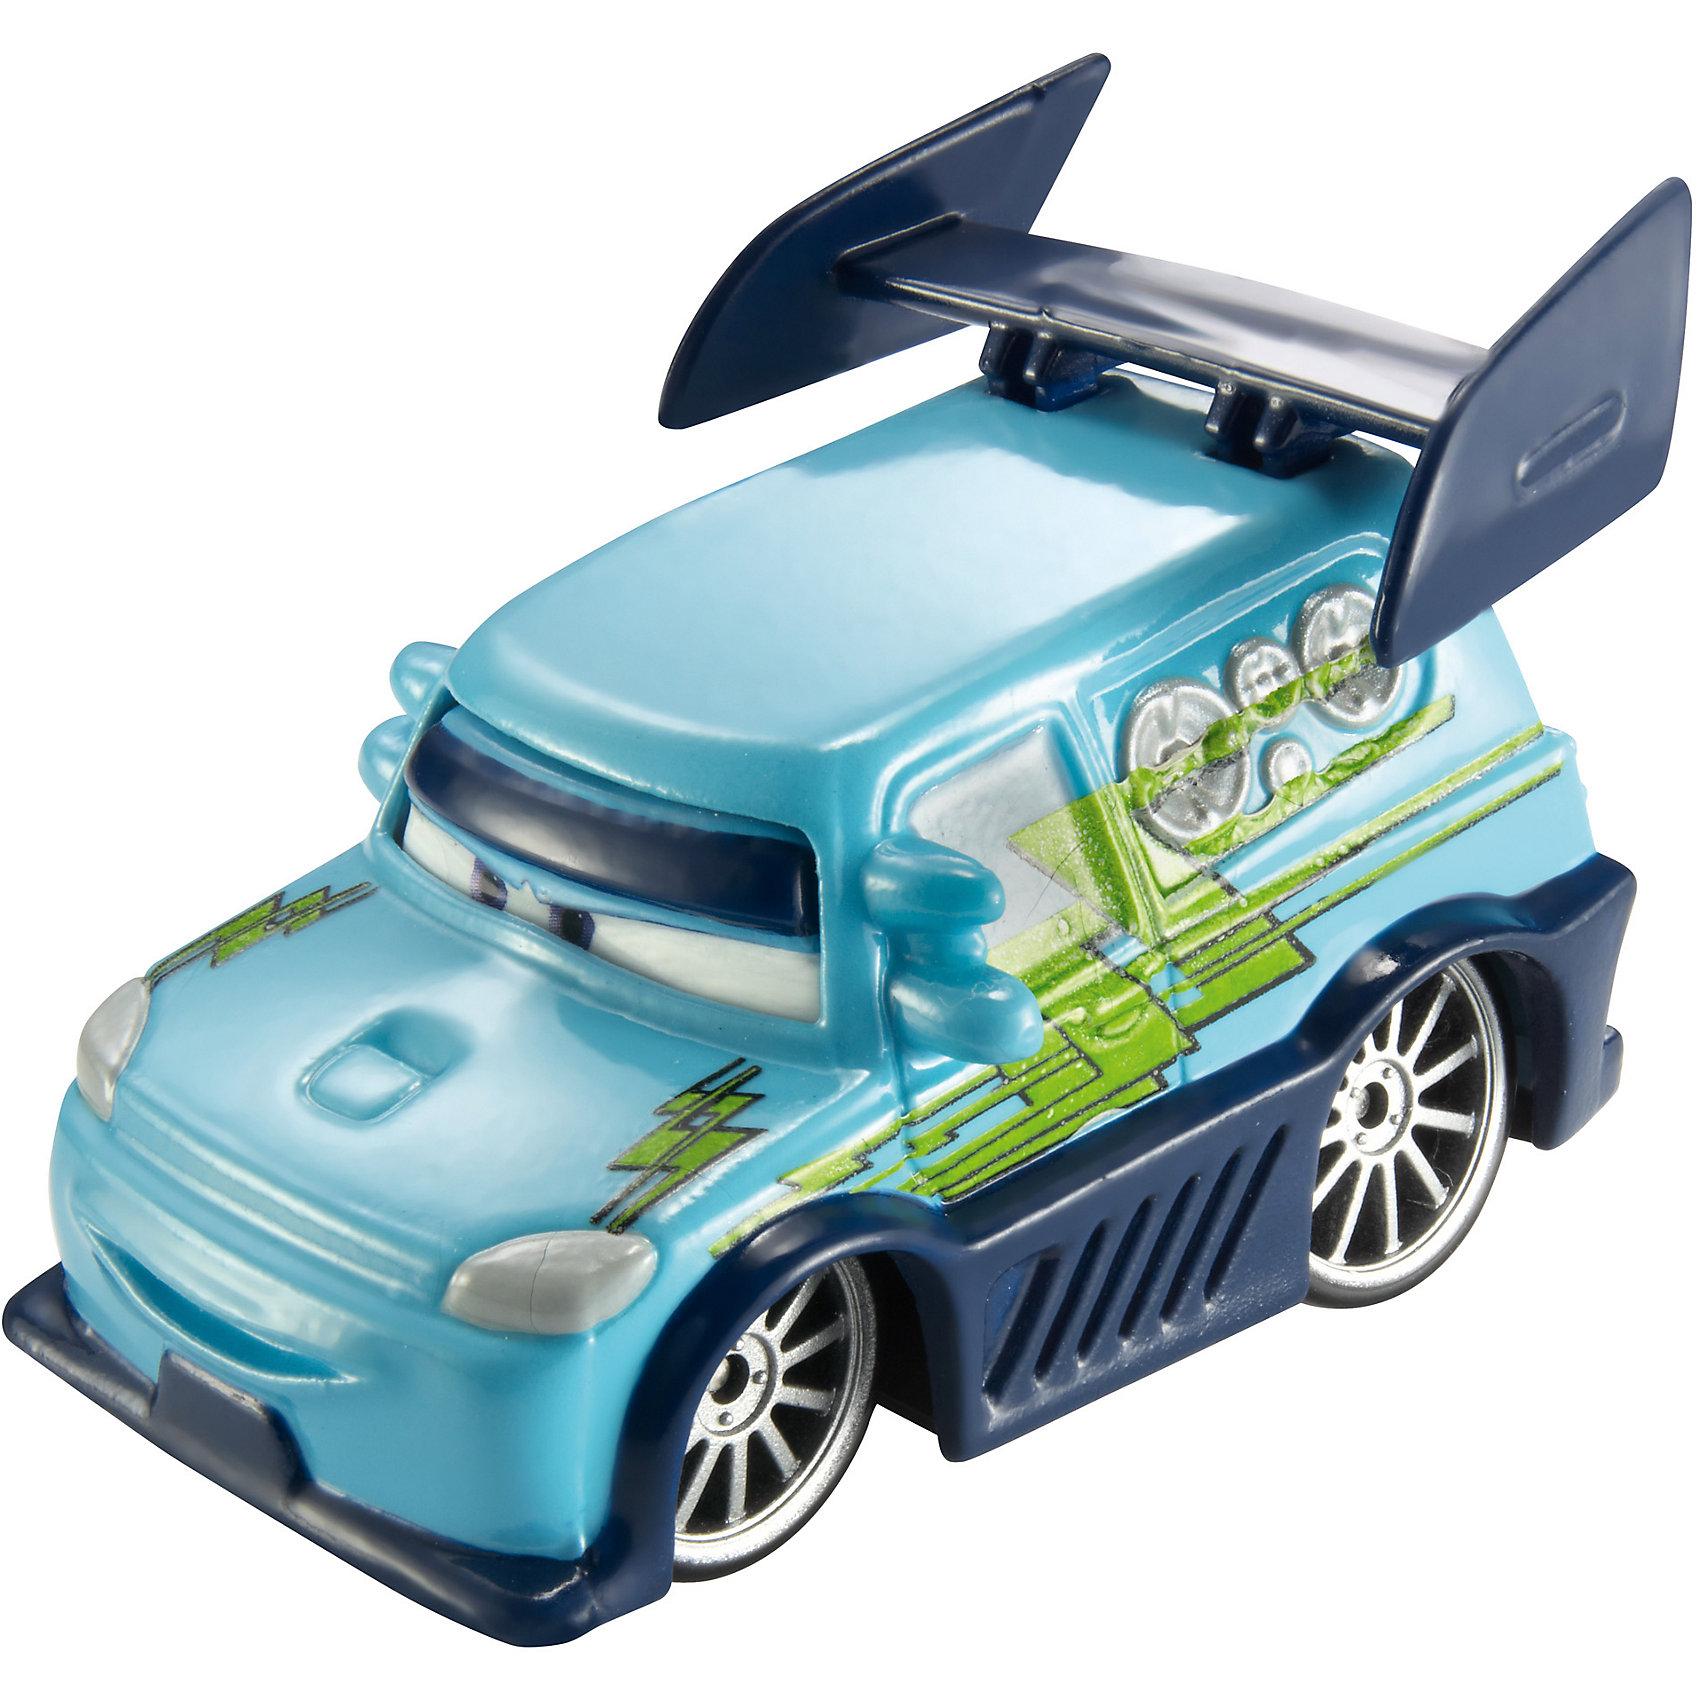 Машинка, меняющая цвет, ТачкиМашинка, меняющая цвет, Тачки от Mattel (Маттел) ? герои любимого мультфильма Тачки представлены в новой уникальной серии Color Changers от Mattel. Машинка выполнена из высококачественного пластика, устойчивого к механическим повреждениям. У машины вращающиеся колеса и инерционный механизм. <br>Машинка Диджей выполнена в сочетании голубого корпуса с элементами из темно-синего цвета. При погружении в воду, корпус машинки меняет цвет, насыщенность цвета зависит от температуры воды.<br>Машинка, меняющая цвет, Тачки от Mattel (Маттел) позволит не только создать уникальный дизайн машинки, но и воспроизвести полюбившиеся сцены из мультфильма или придумать свою историю с главными героями.<br><br>Дополнительная информация:<br><br>- Вид игр: сюжетно-ролевые <br>- Предназначение: для дома<br>- Серия: Color Changers<br>- Материал: пластик<br>- Размер: 4,5*14*21,5 см<br>- Вес: 84 г <br>- Особенности ухода: разрешается мыть<br><br>Подробнее:<br><br>• Для детей в возрасте: от 3 лет и до 10 лет<br>• Страна производитель: Китай<br>• Торговый бренд: Mattel<br><br>Машинку, меняющую цвет, Тачки от Mattel (Маттел) можно купить в нашем интернет-магазине.<br><br>Ширина мм: 45<br>Глубина мм: 140<br>Высота мм: 215<br>Вес г: 84<br>Возраст от месяцев: 36<br>Возраст до месяцев: 120<br>Пол: Мужской<br>Возраст: Детский<br>SKU: 4918471